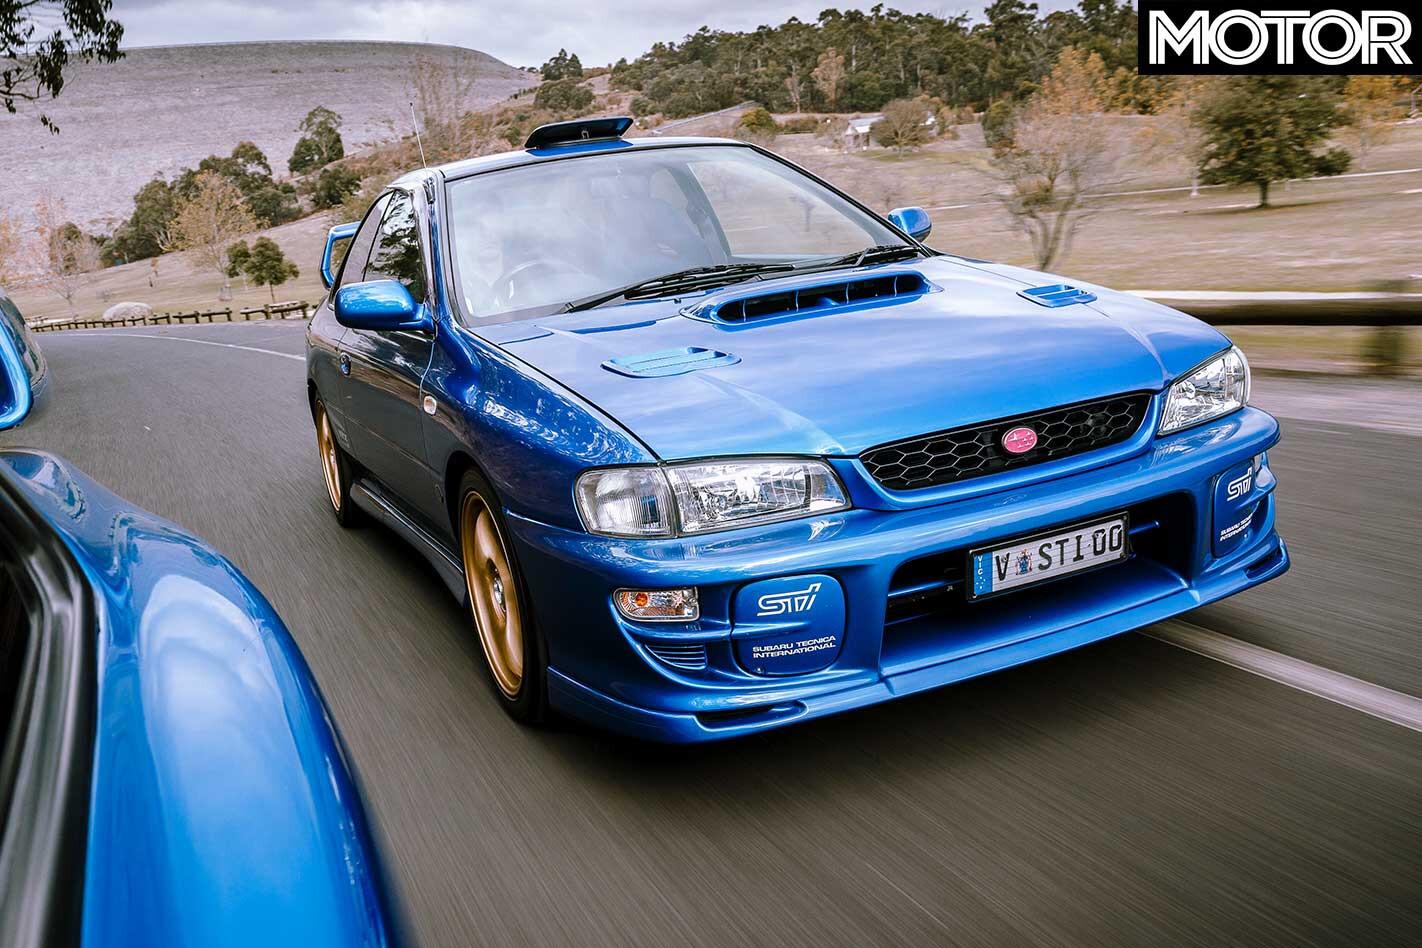 2000 Subaru Impreza WRX S Ti Type R Front Jpg